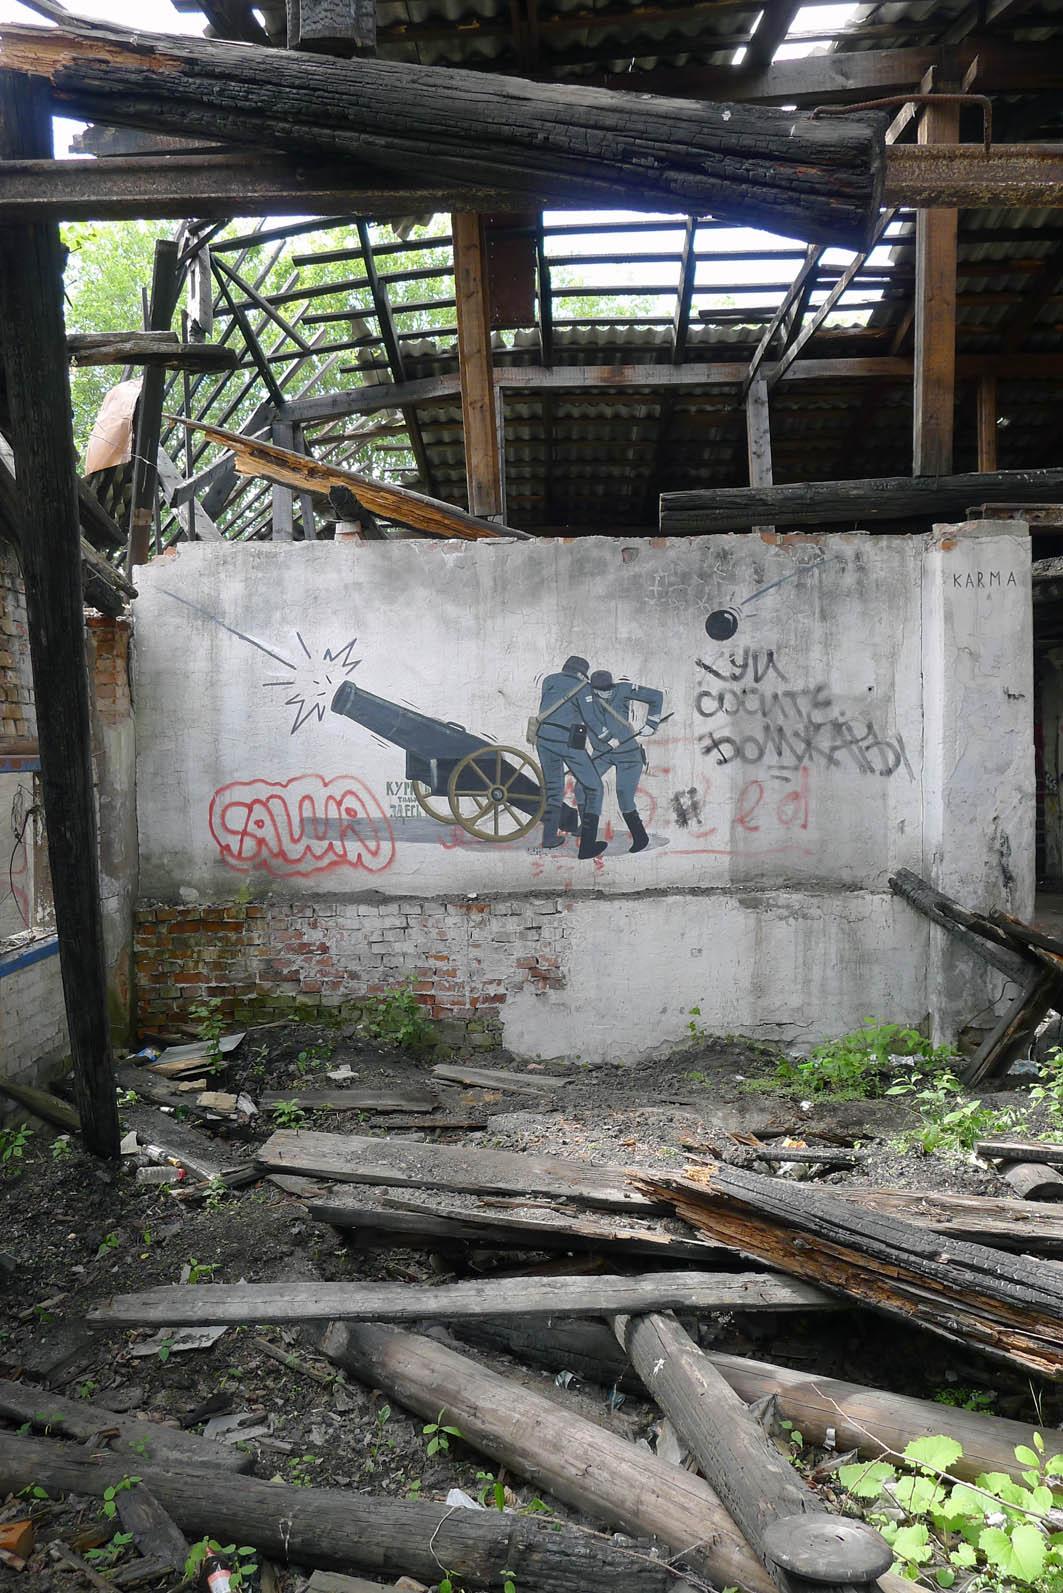 escif-new-murals-in-st-petersburg-russia-02